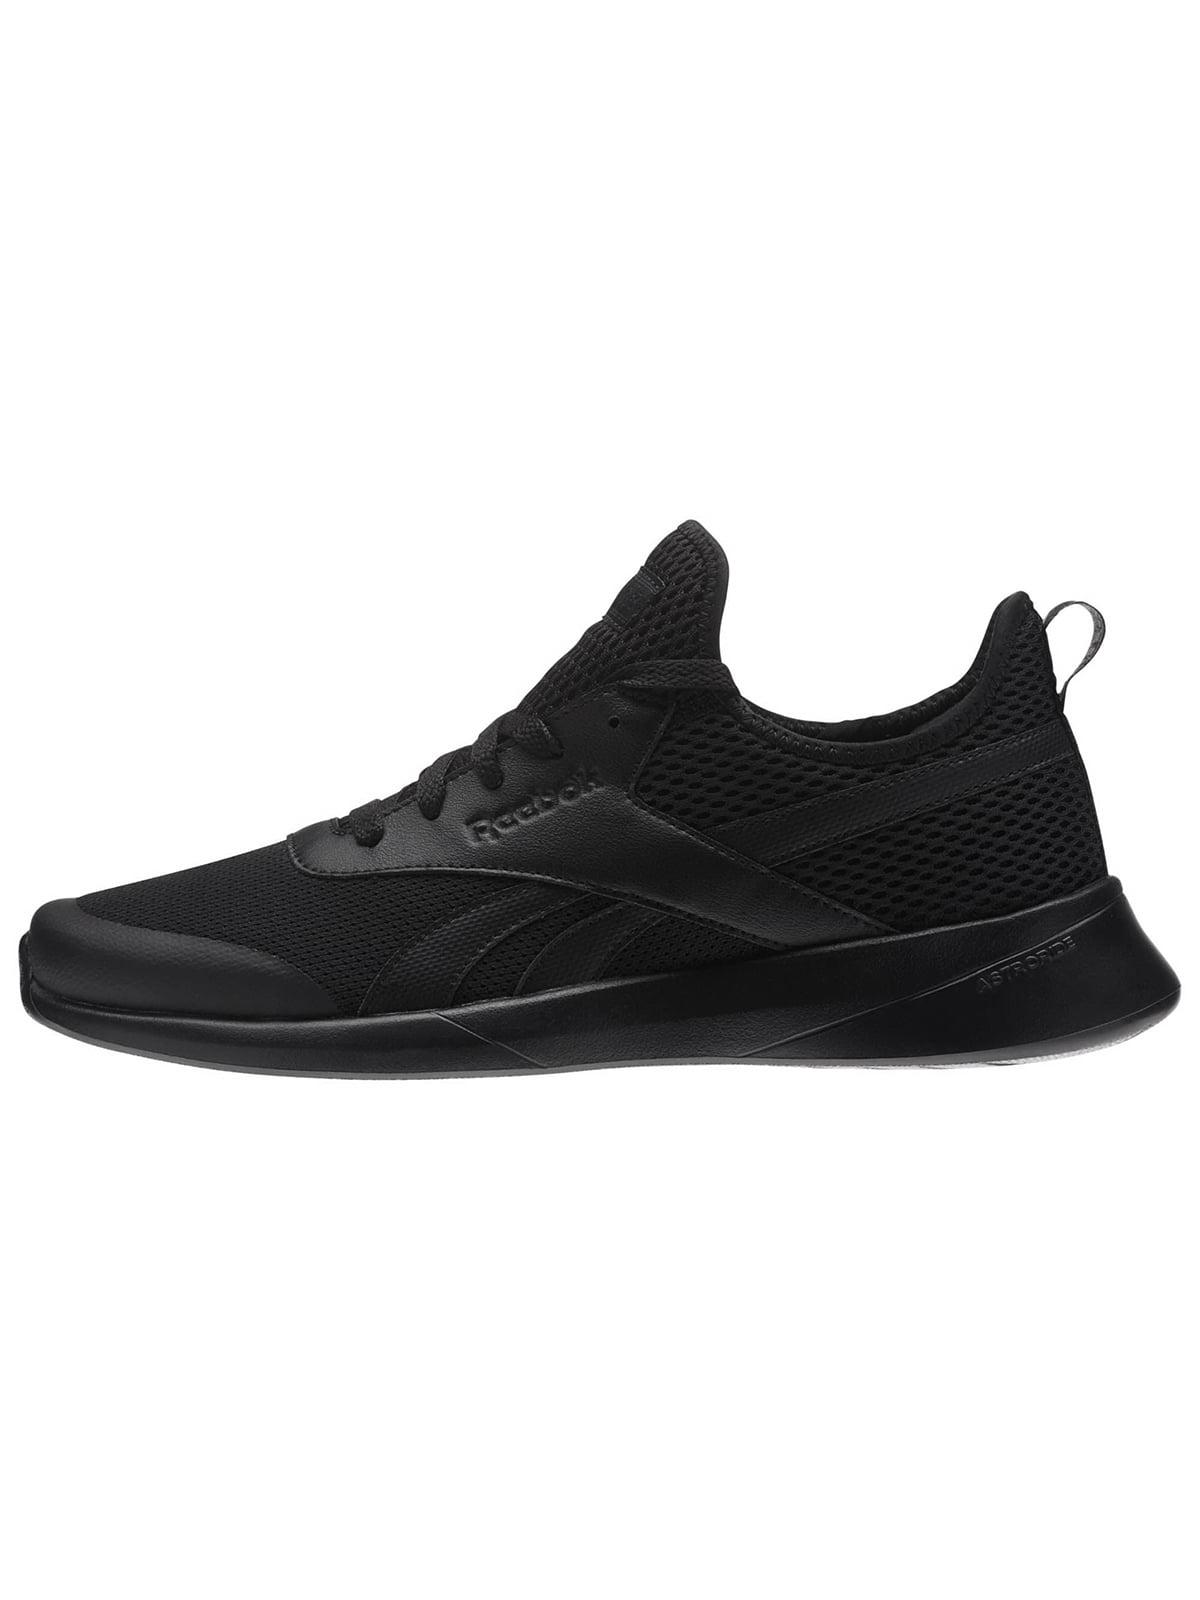 Кроссовки черные | 4103220 | фото 2